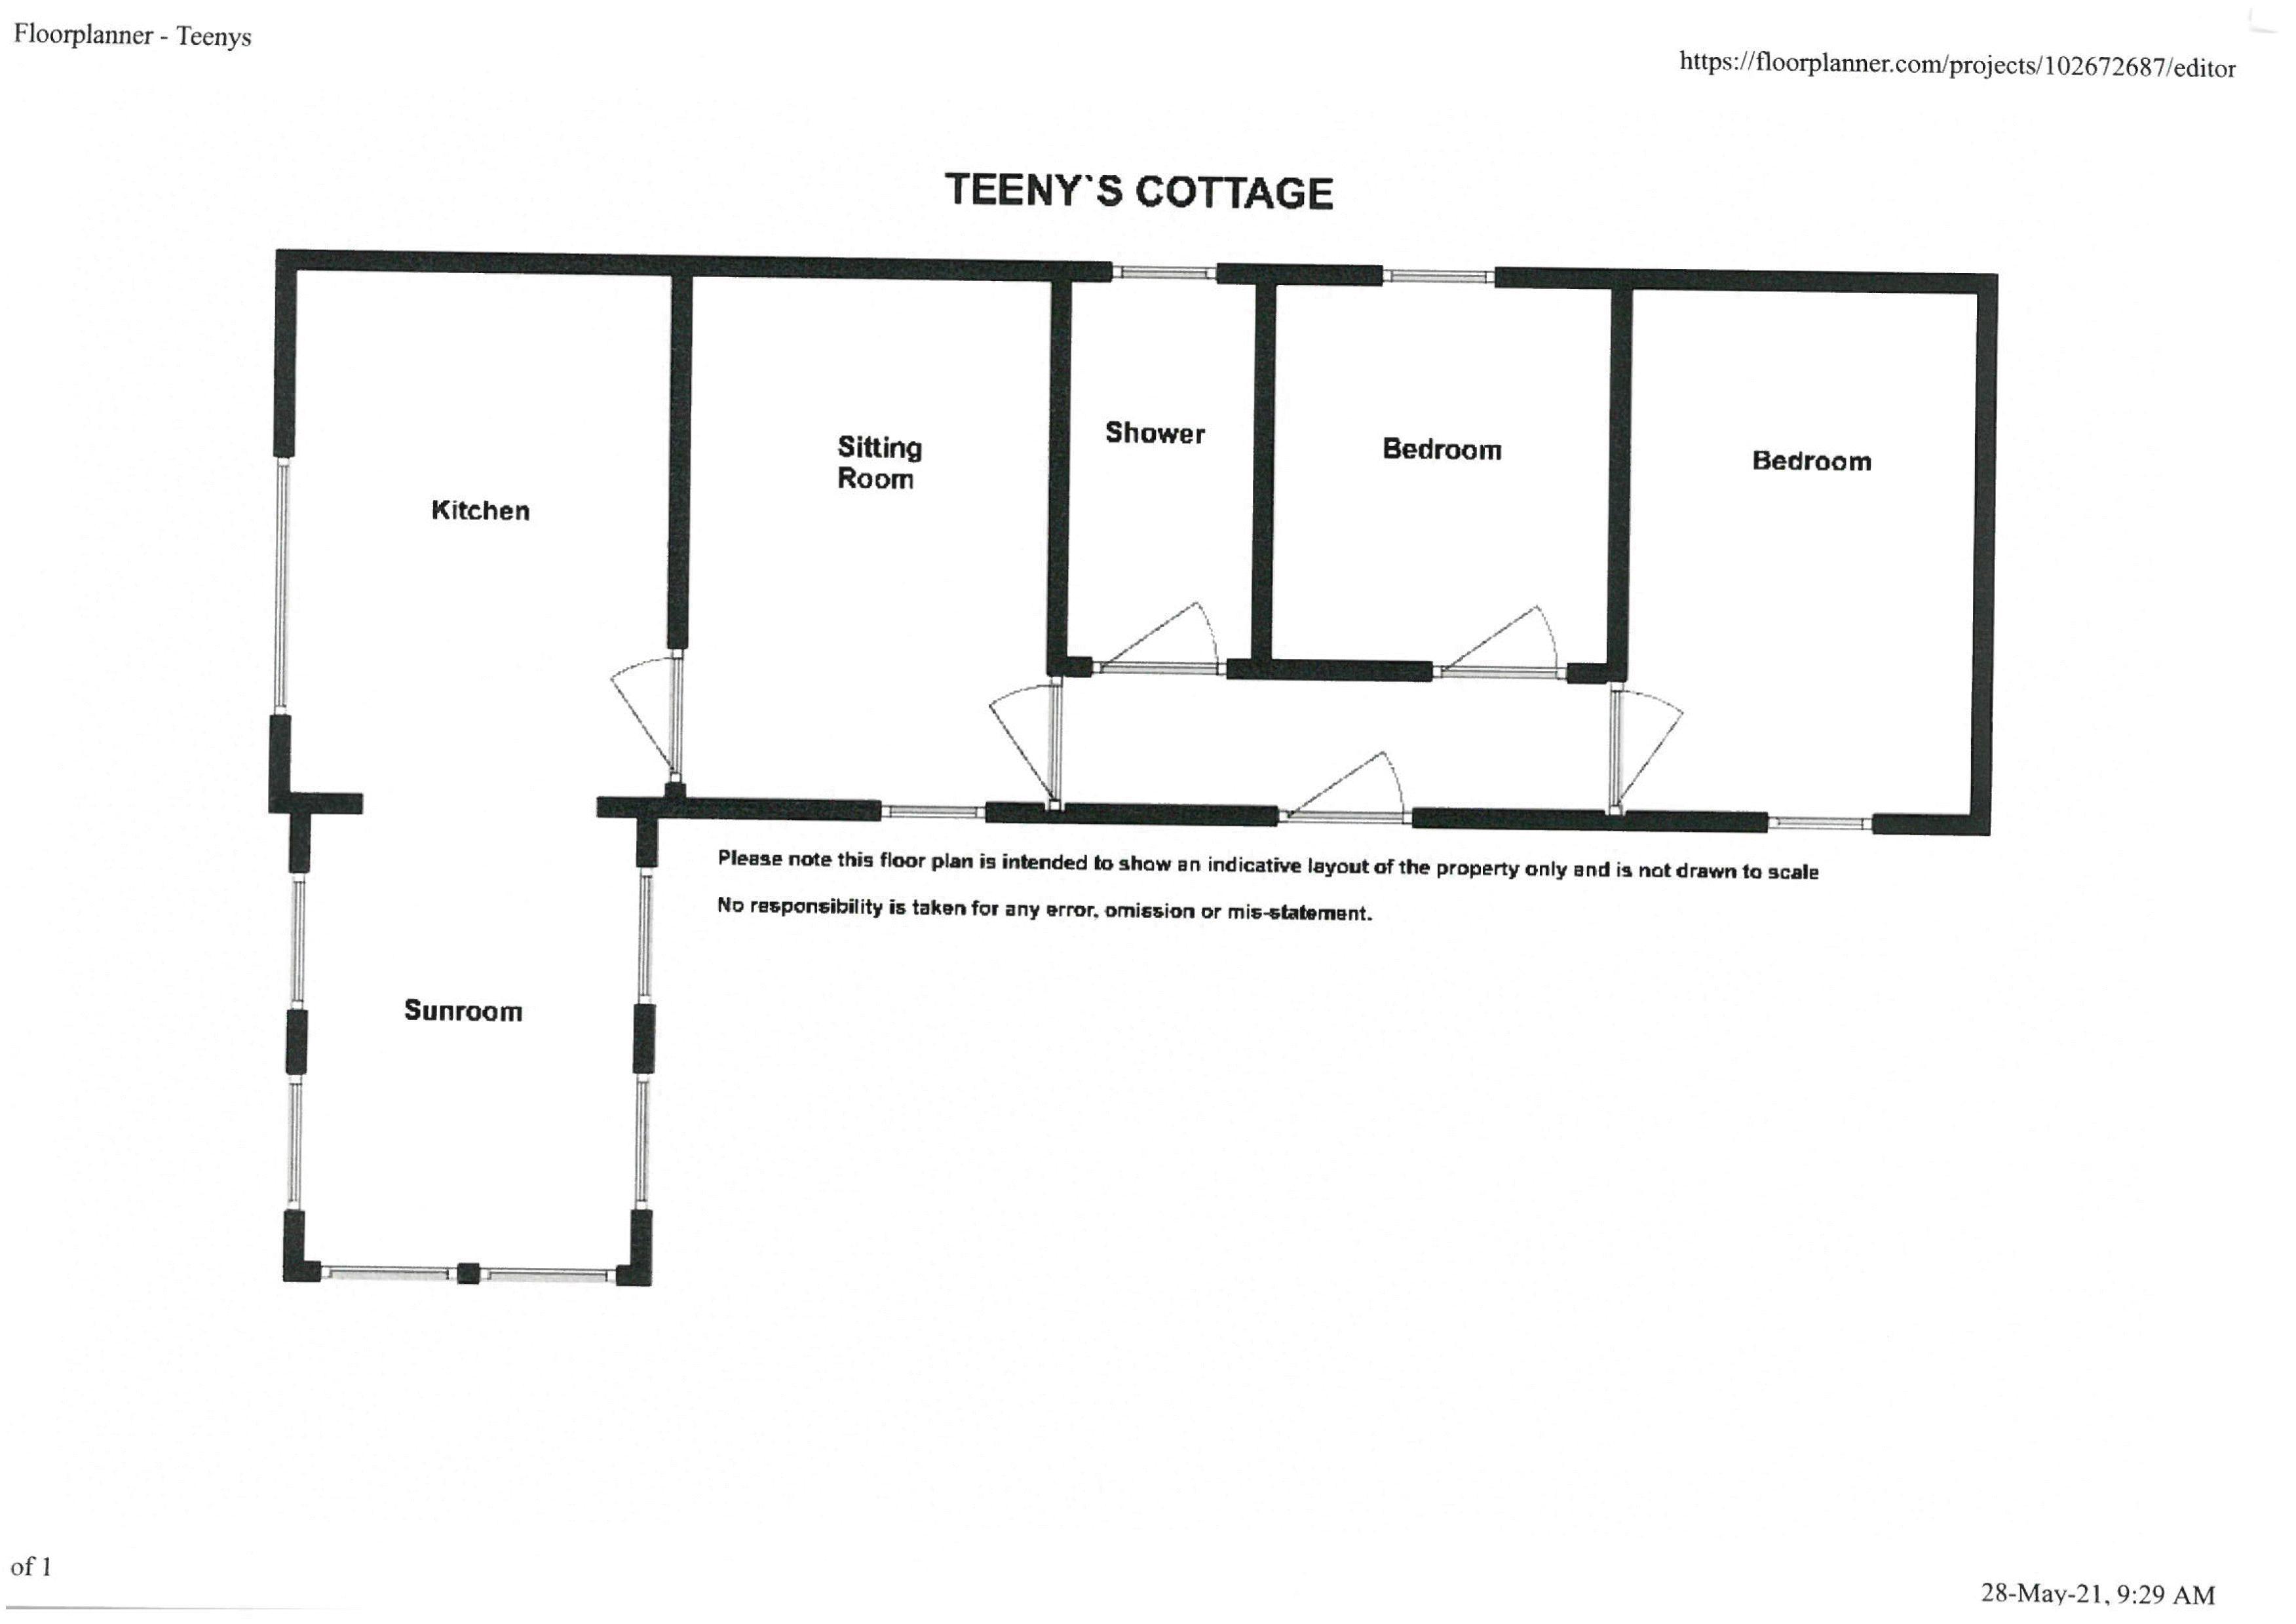 Teeny's Cottage Floorplan